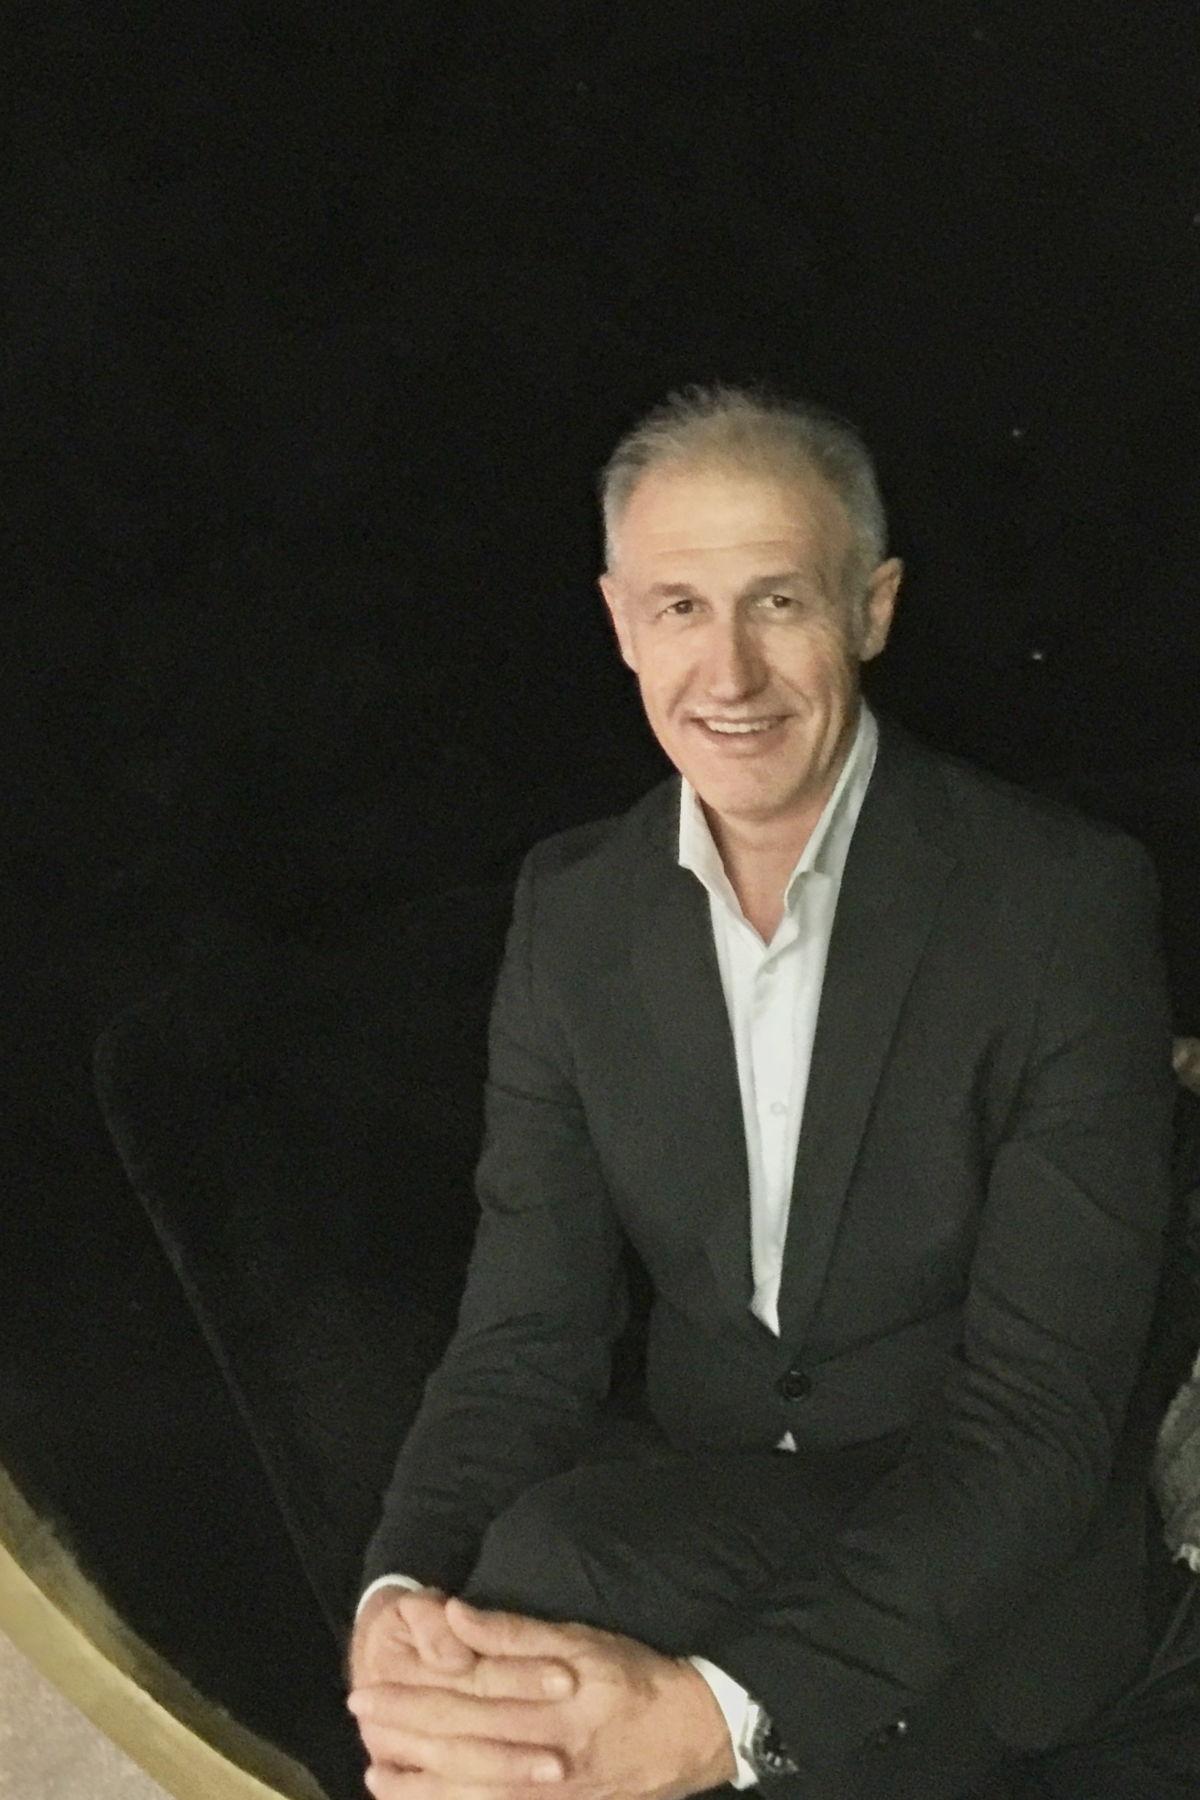 Sergio Fabio Brivio